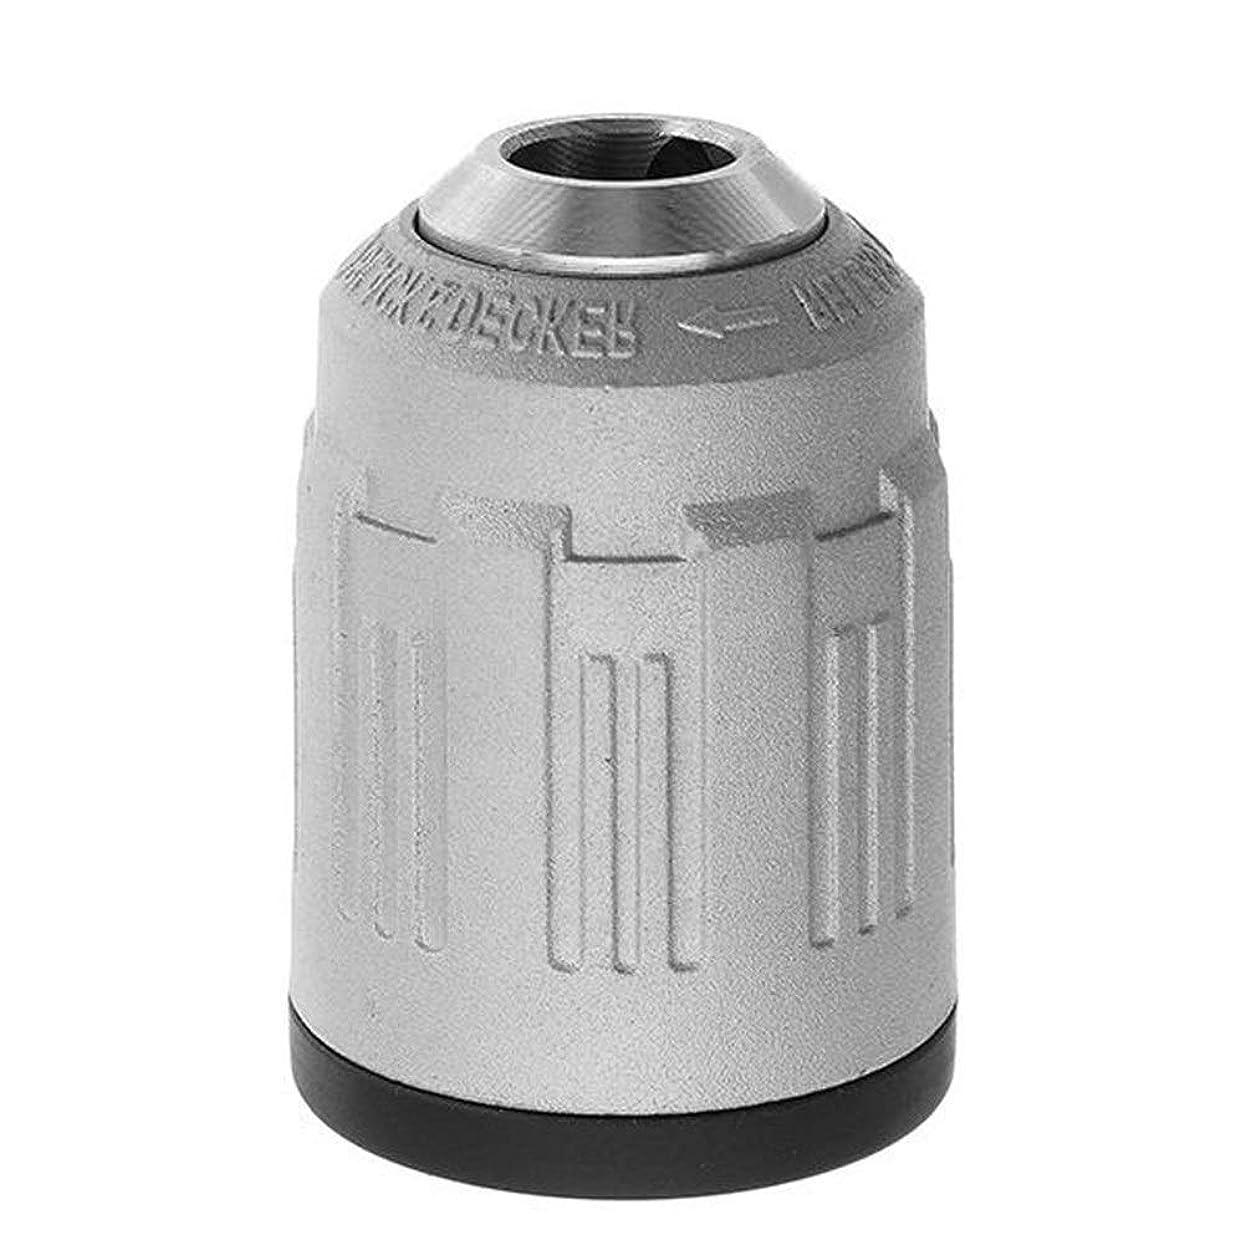 モードリン哀れな喜ぶYWX JP 電気ハンマードリル用具の付属品のために合う2-13mmのキーレス影響のドリルのチャック